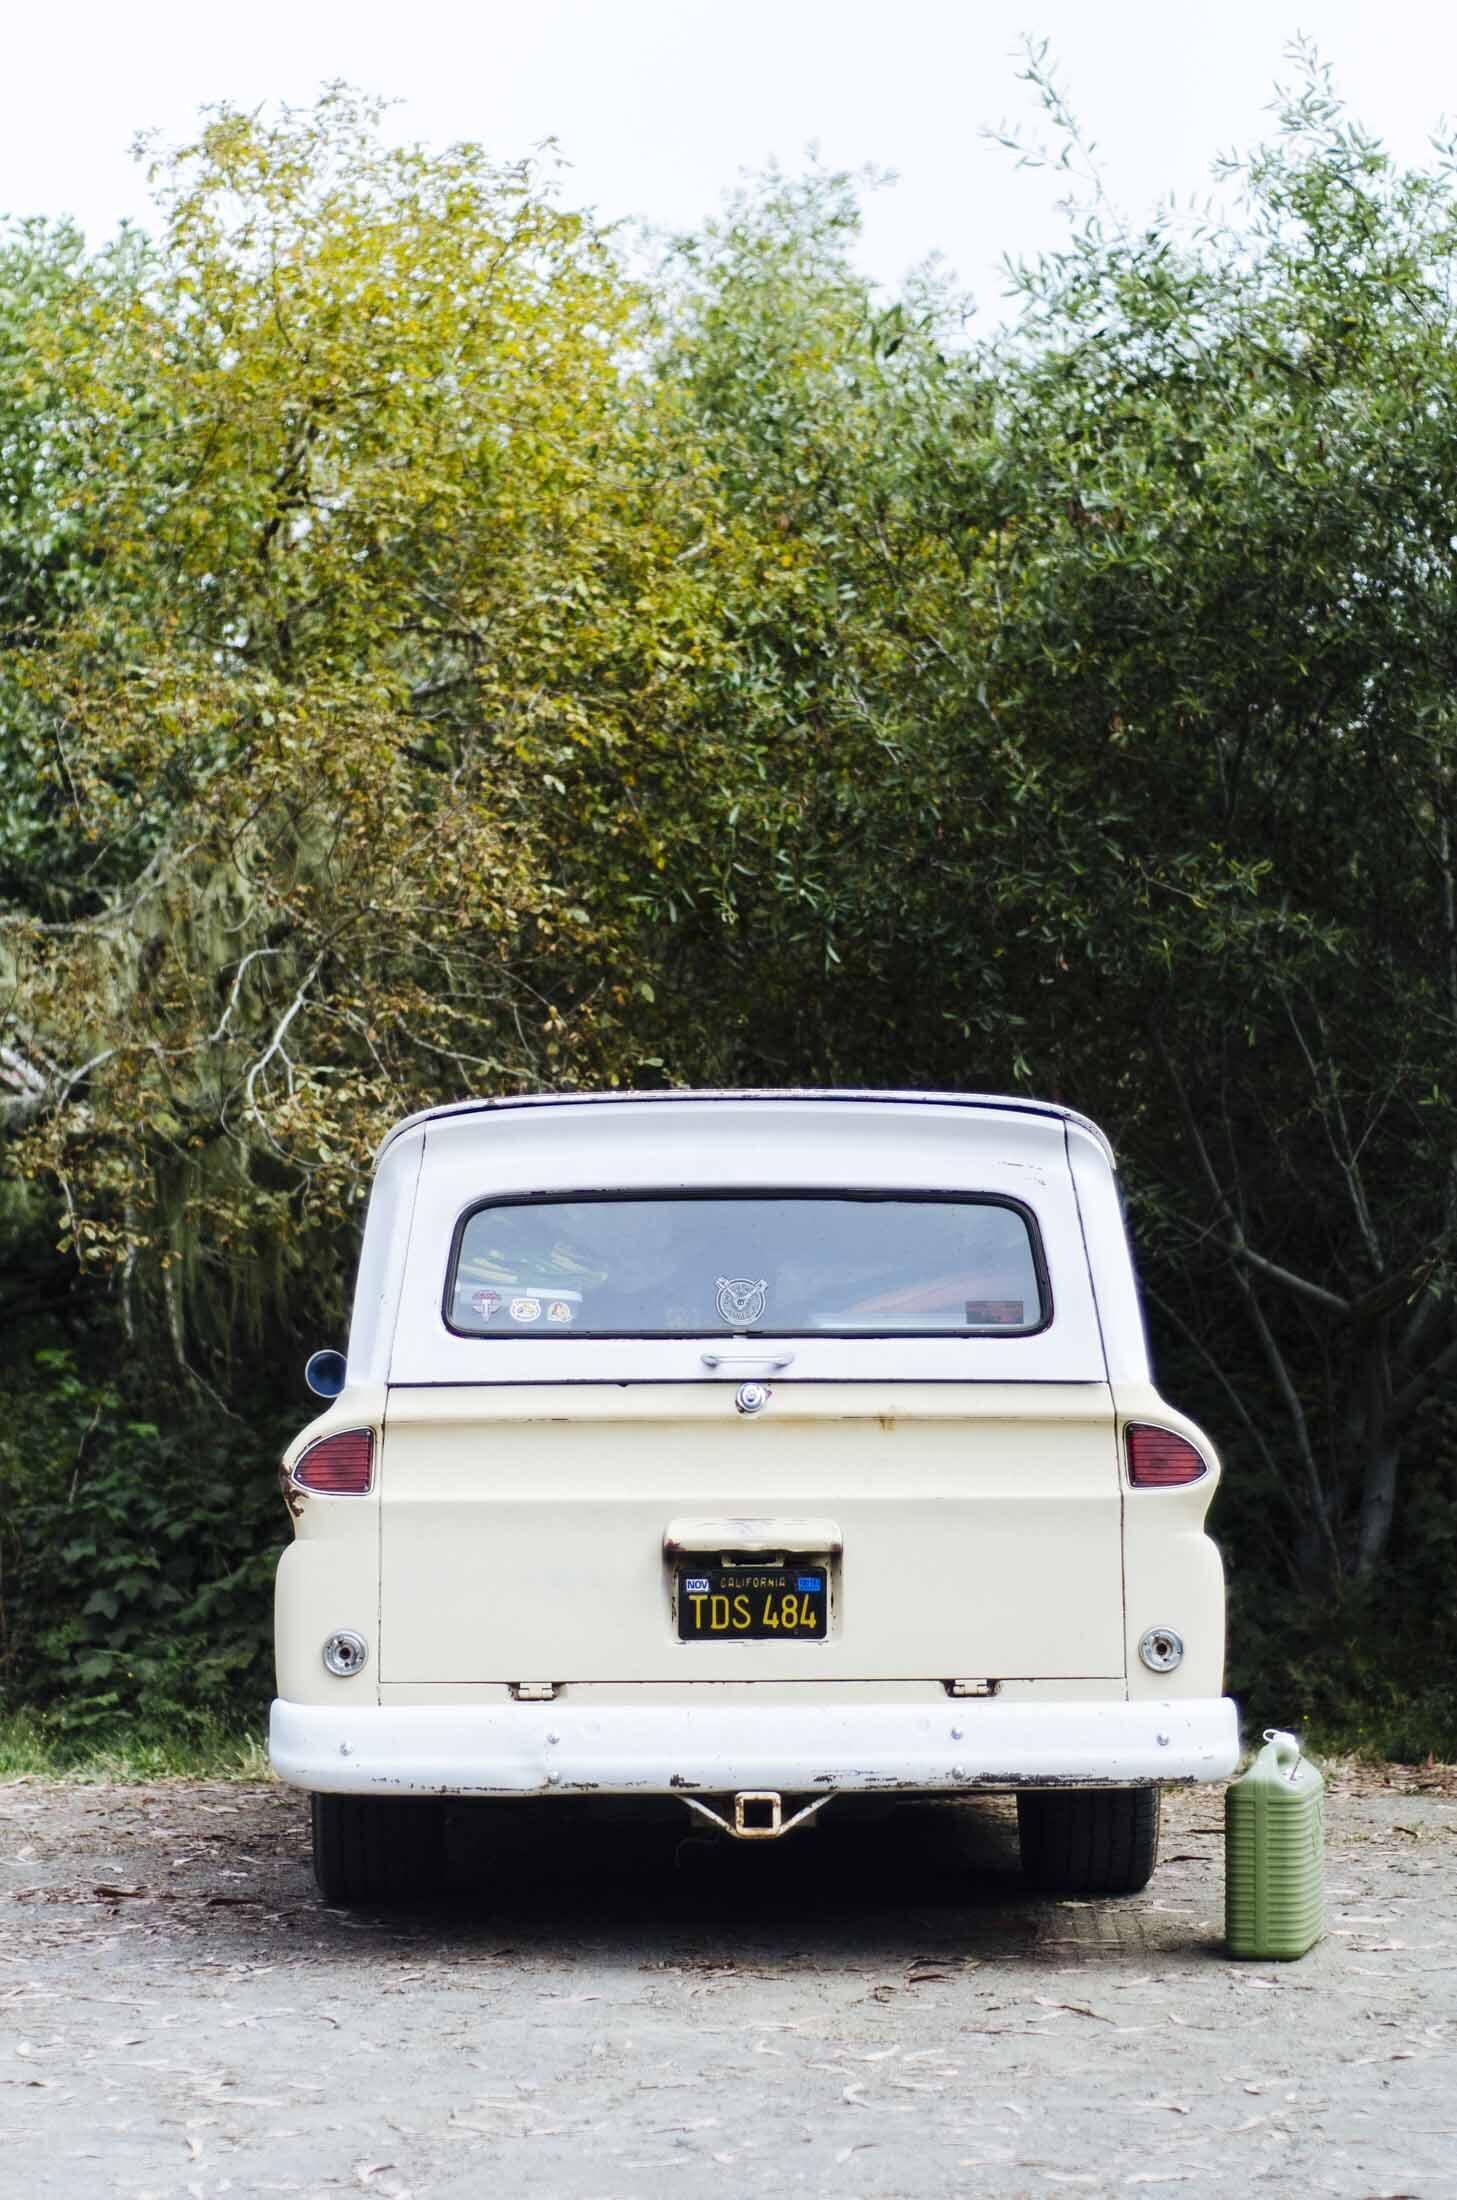 august_cars_007.jpg